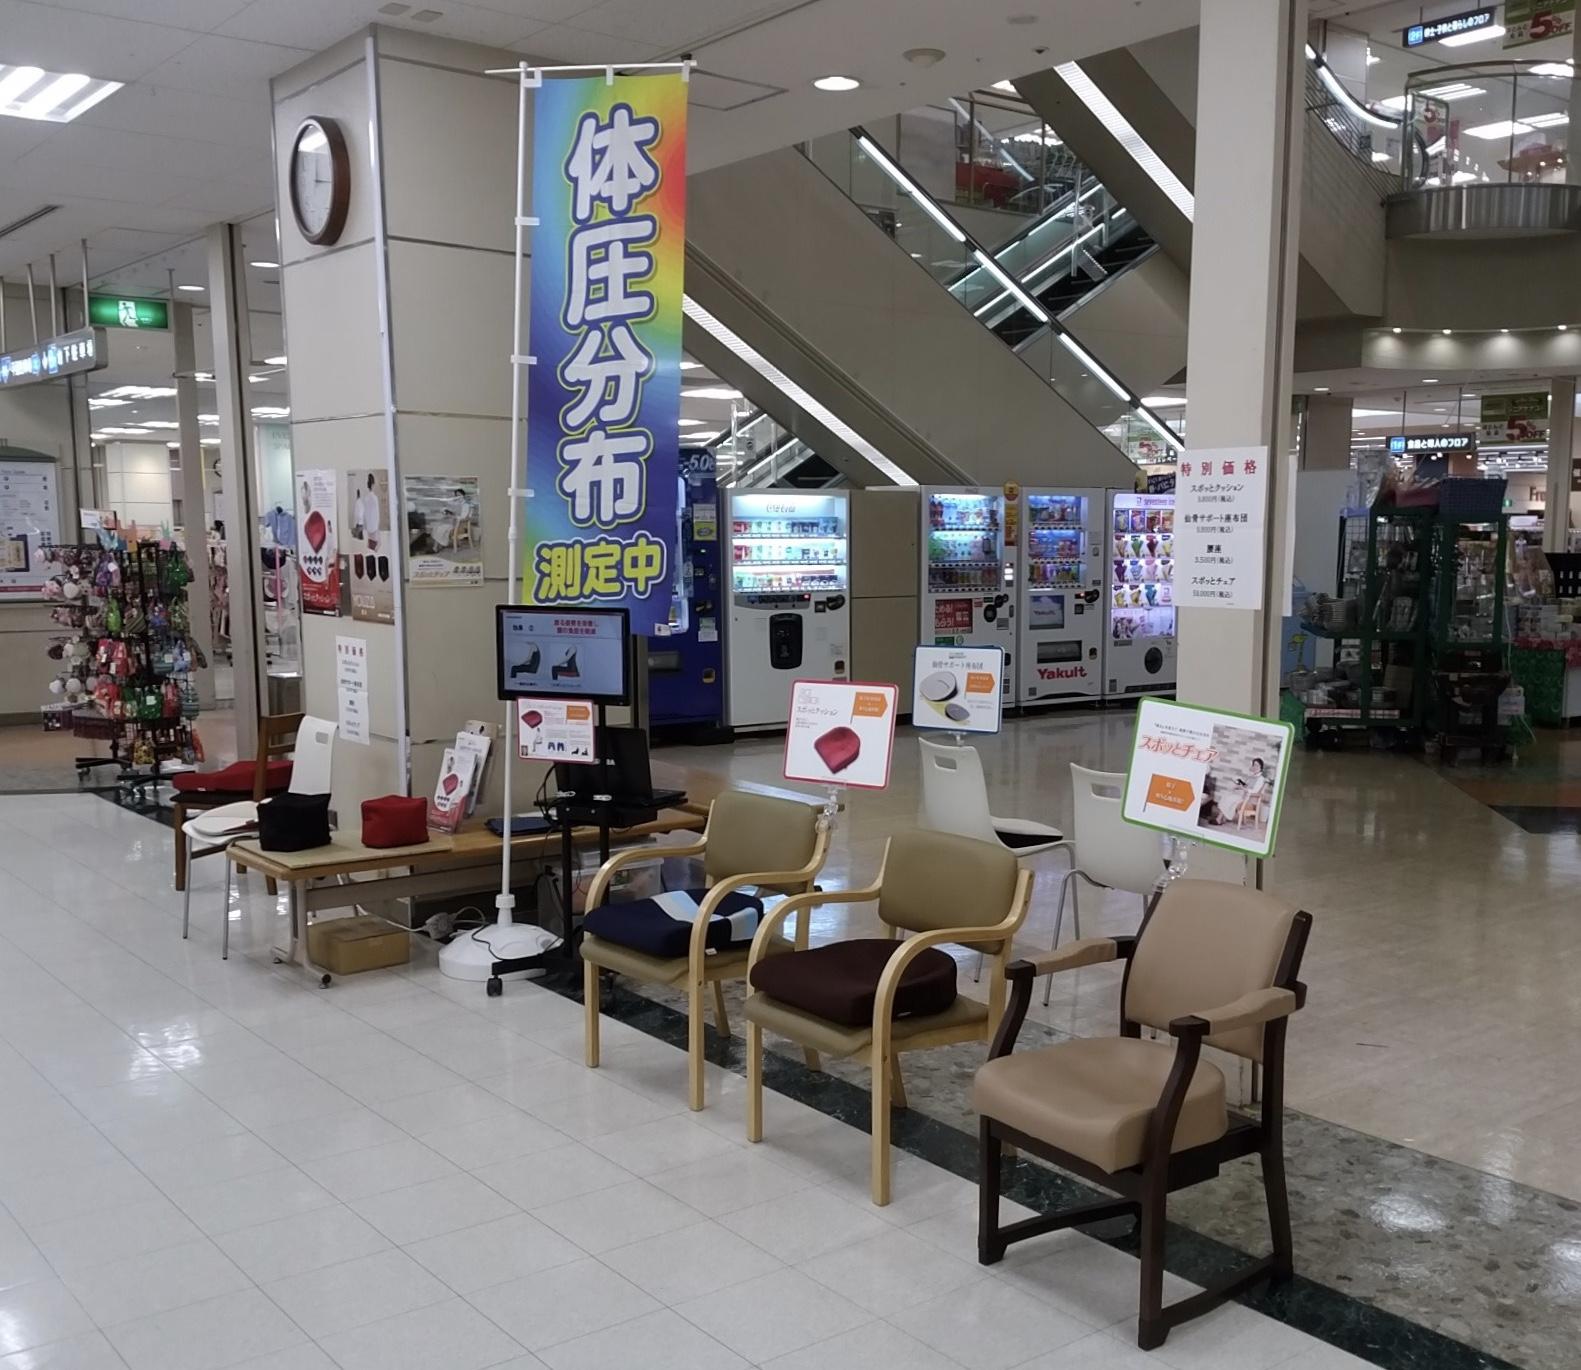 イトーヨーカドー(知多店)で体感会を行います。